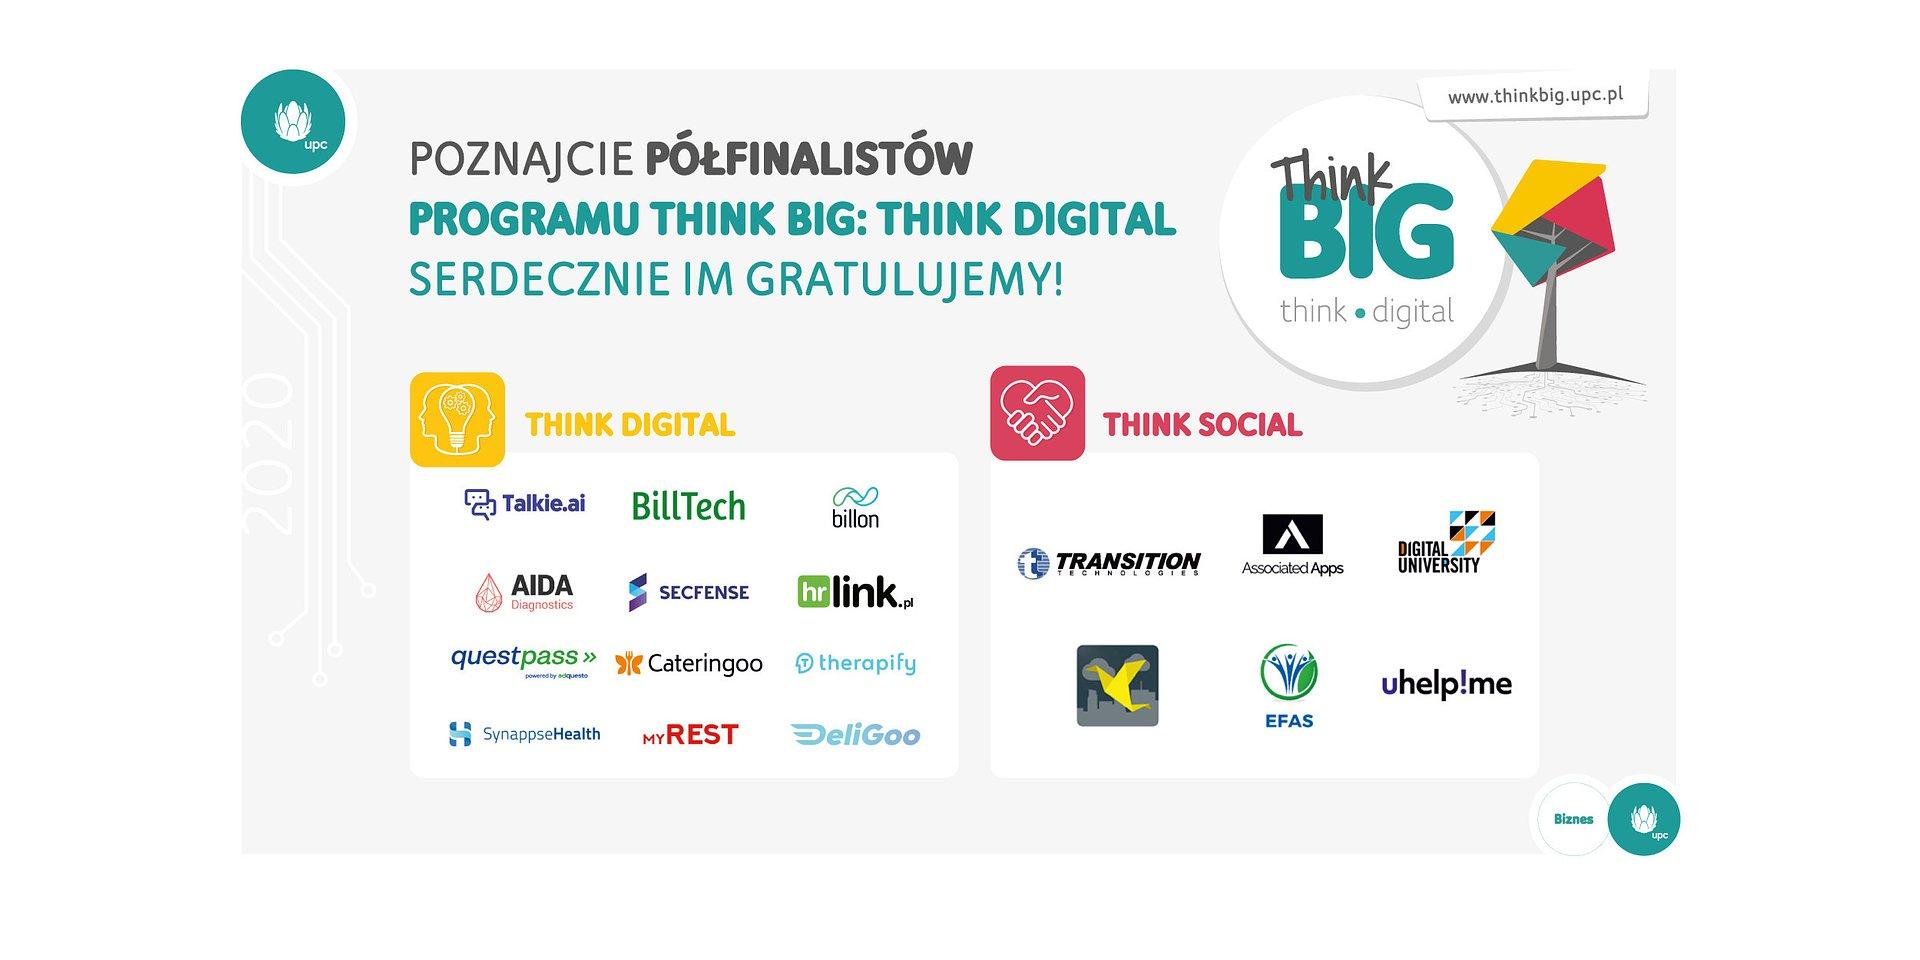 Półfinaliści programu UPC Polska Think Big: Think Digital wybrani!